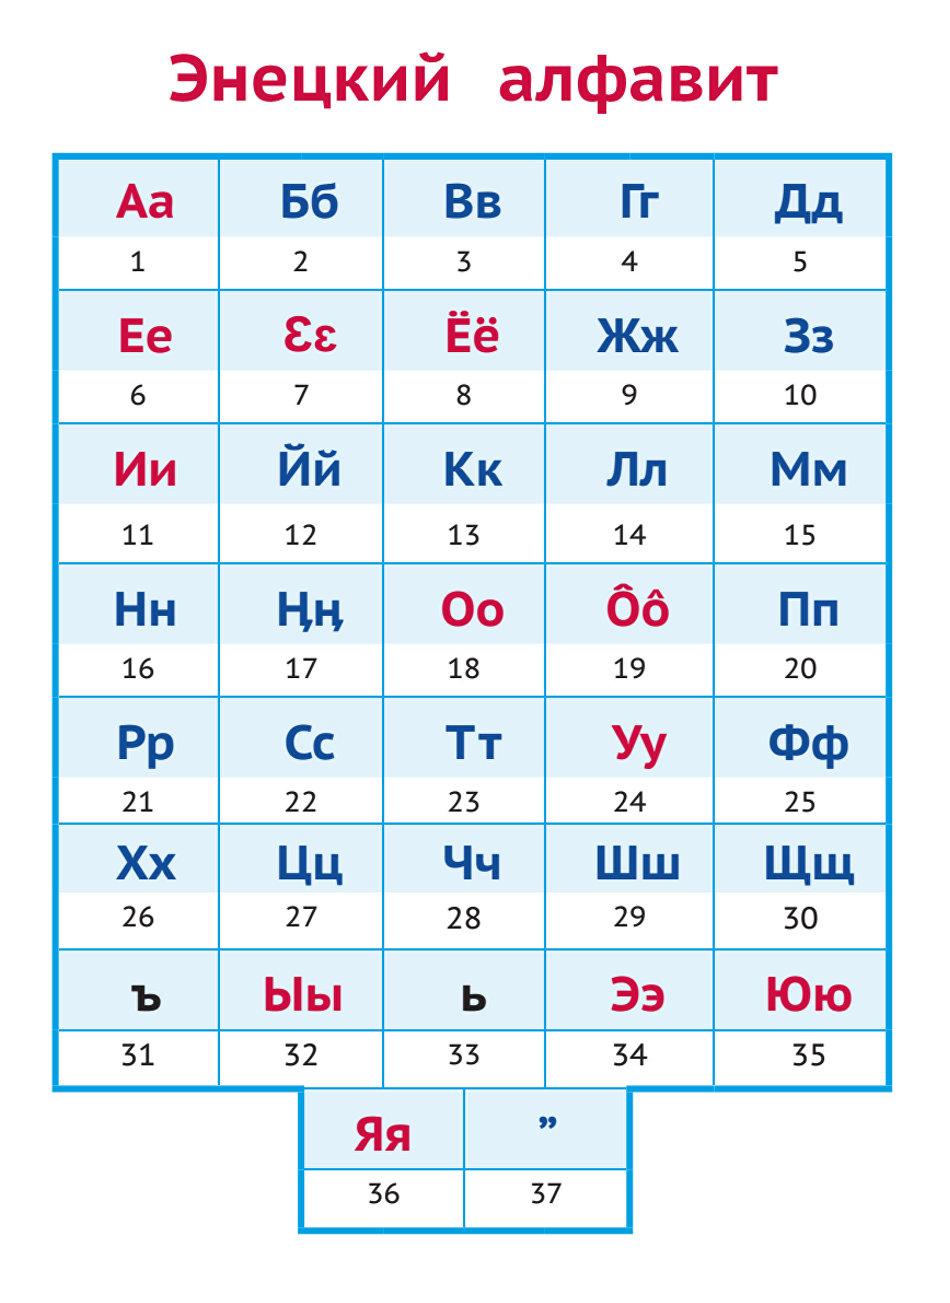 Enets alphabet